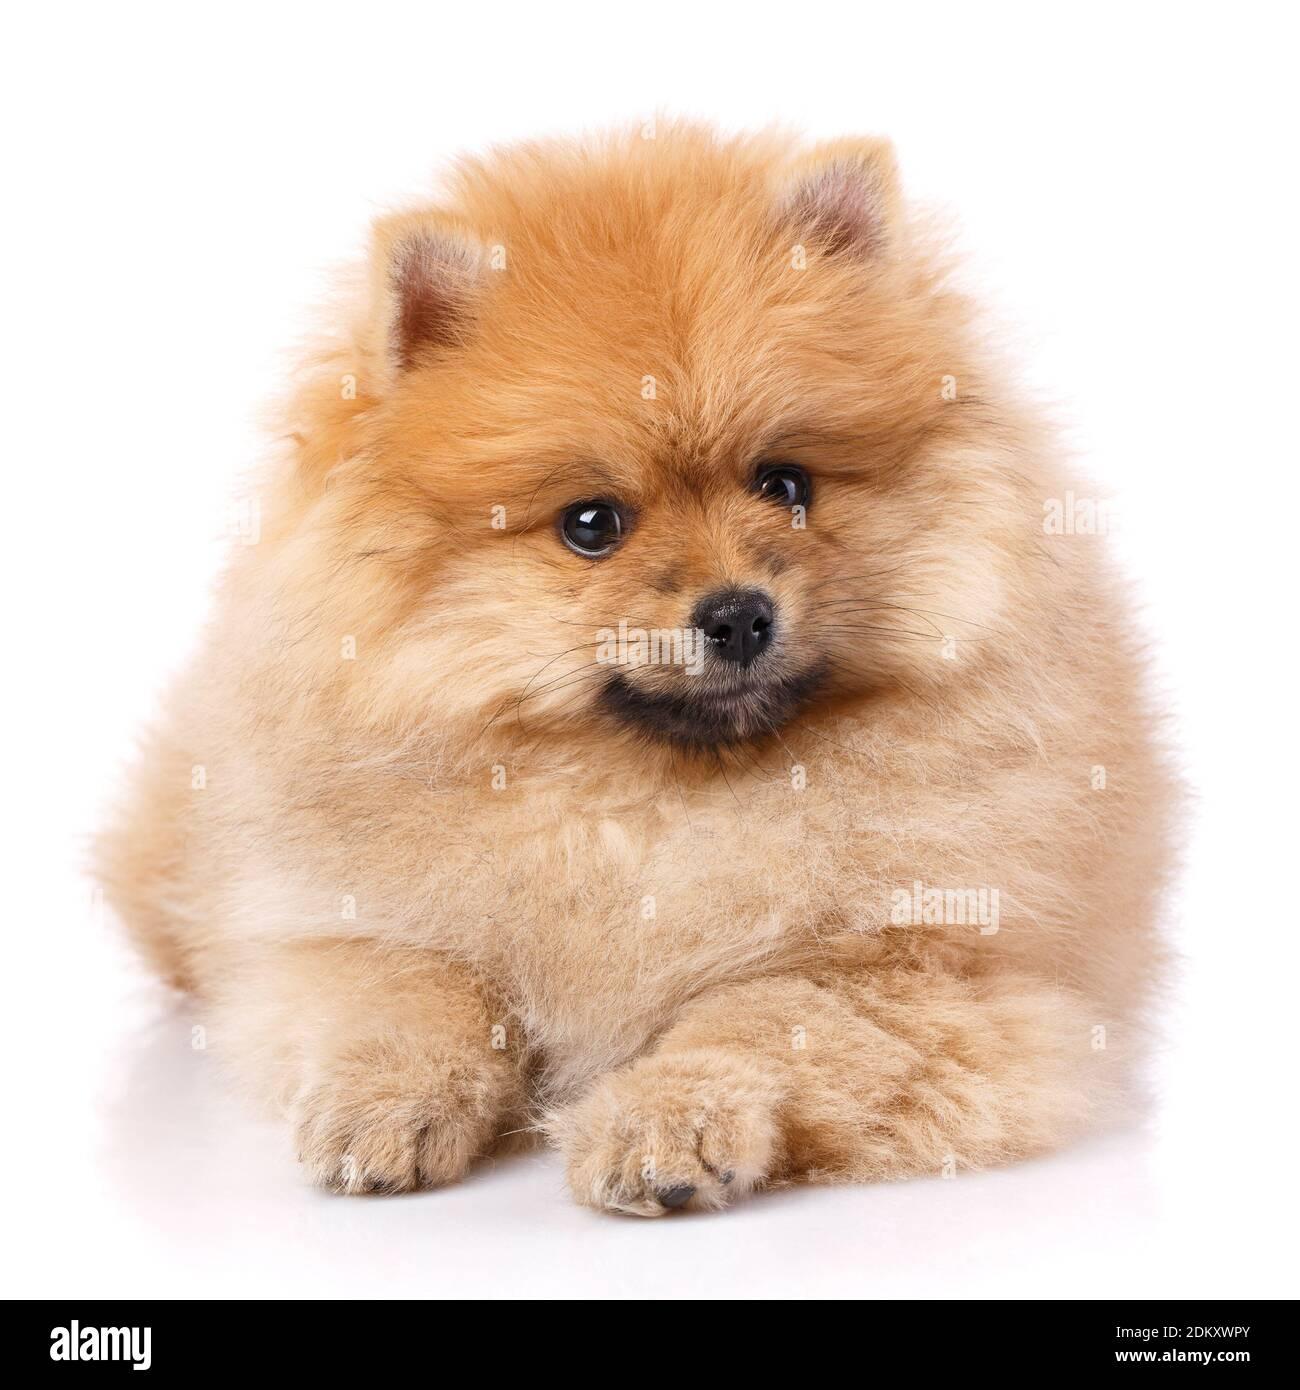 Pomeranian Spitz miente y posan delante de la cámara. Foto de stock